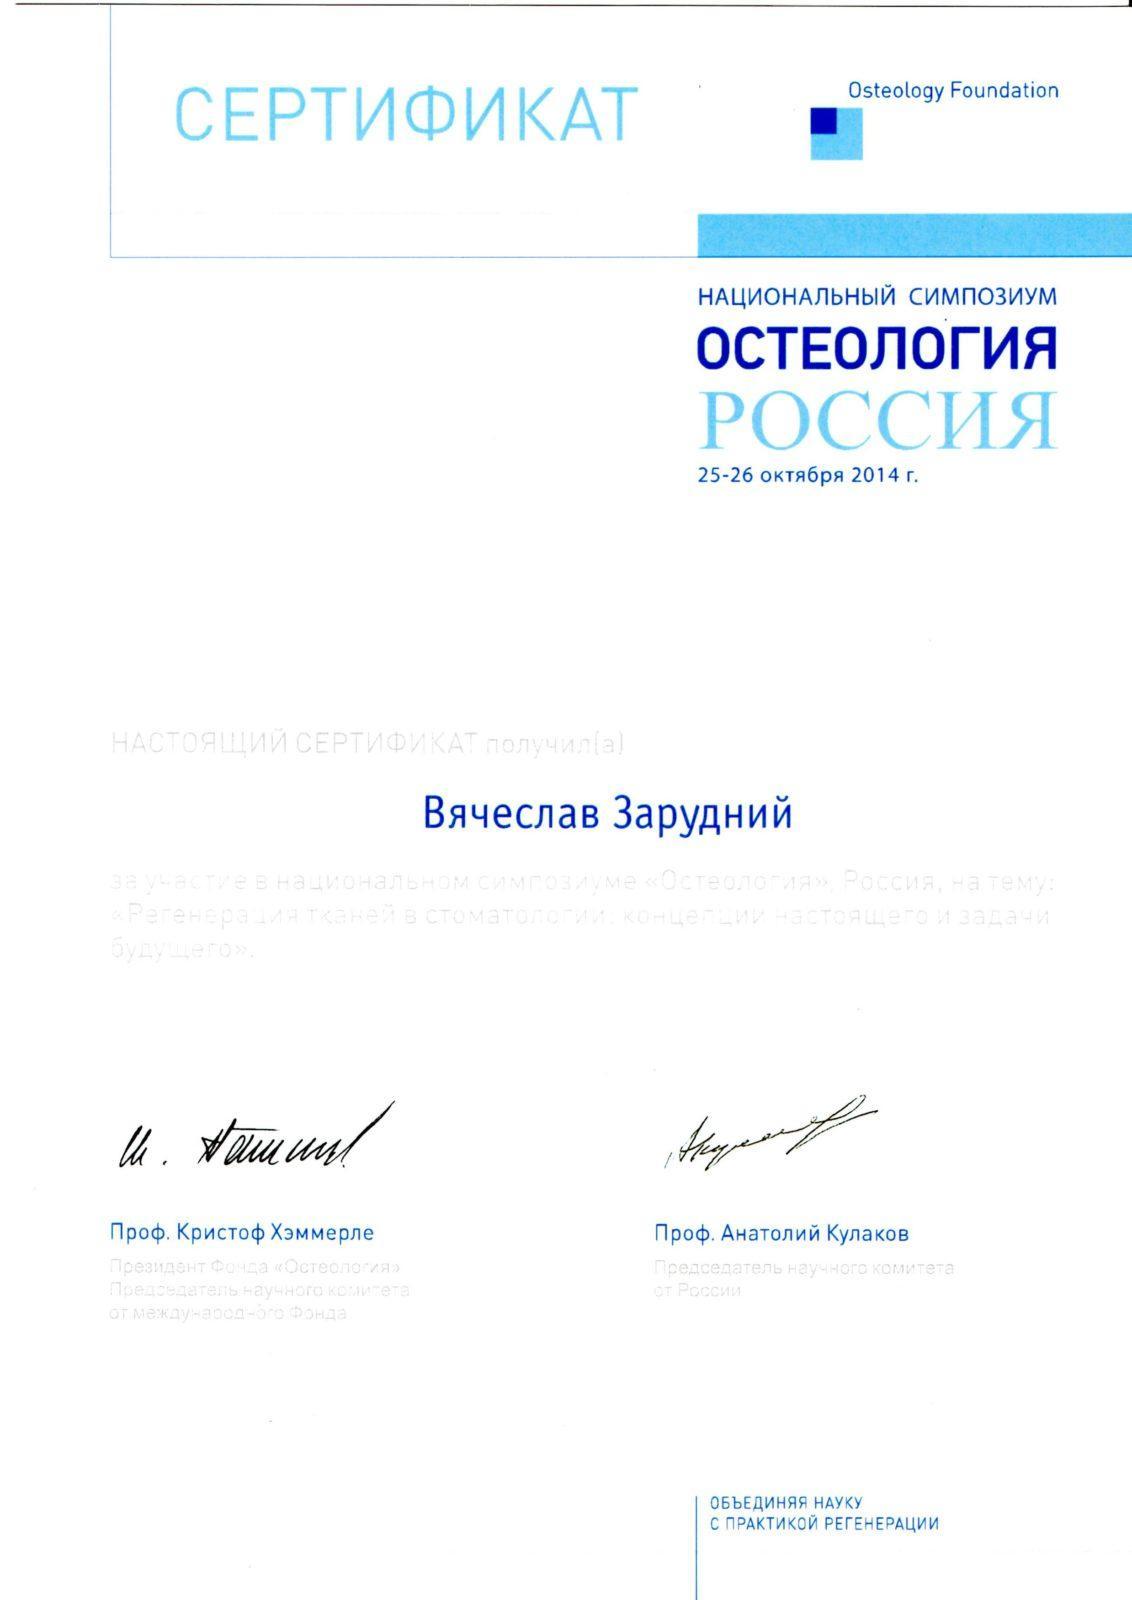 Зарудний Вячеслав Александрович